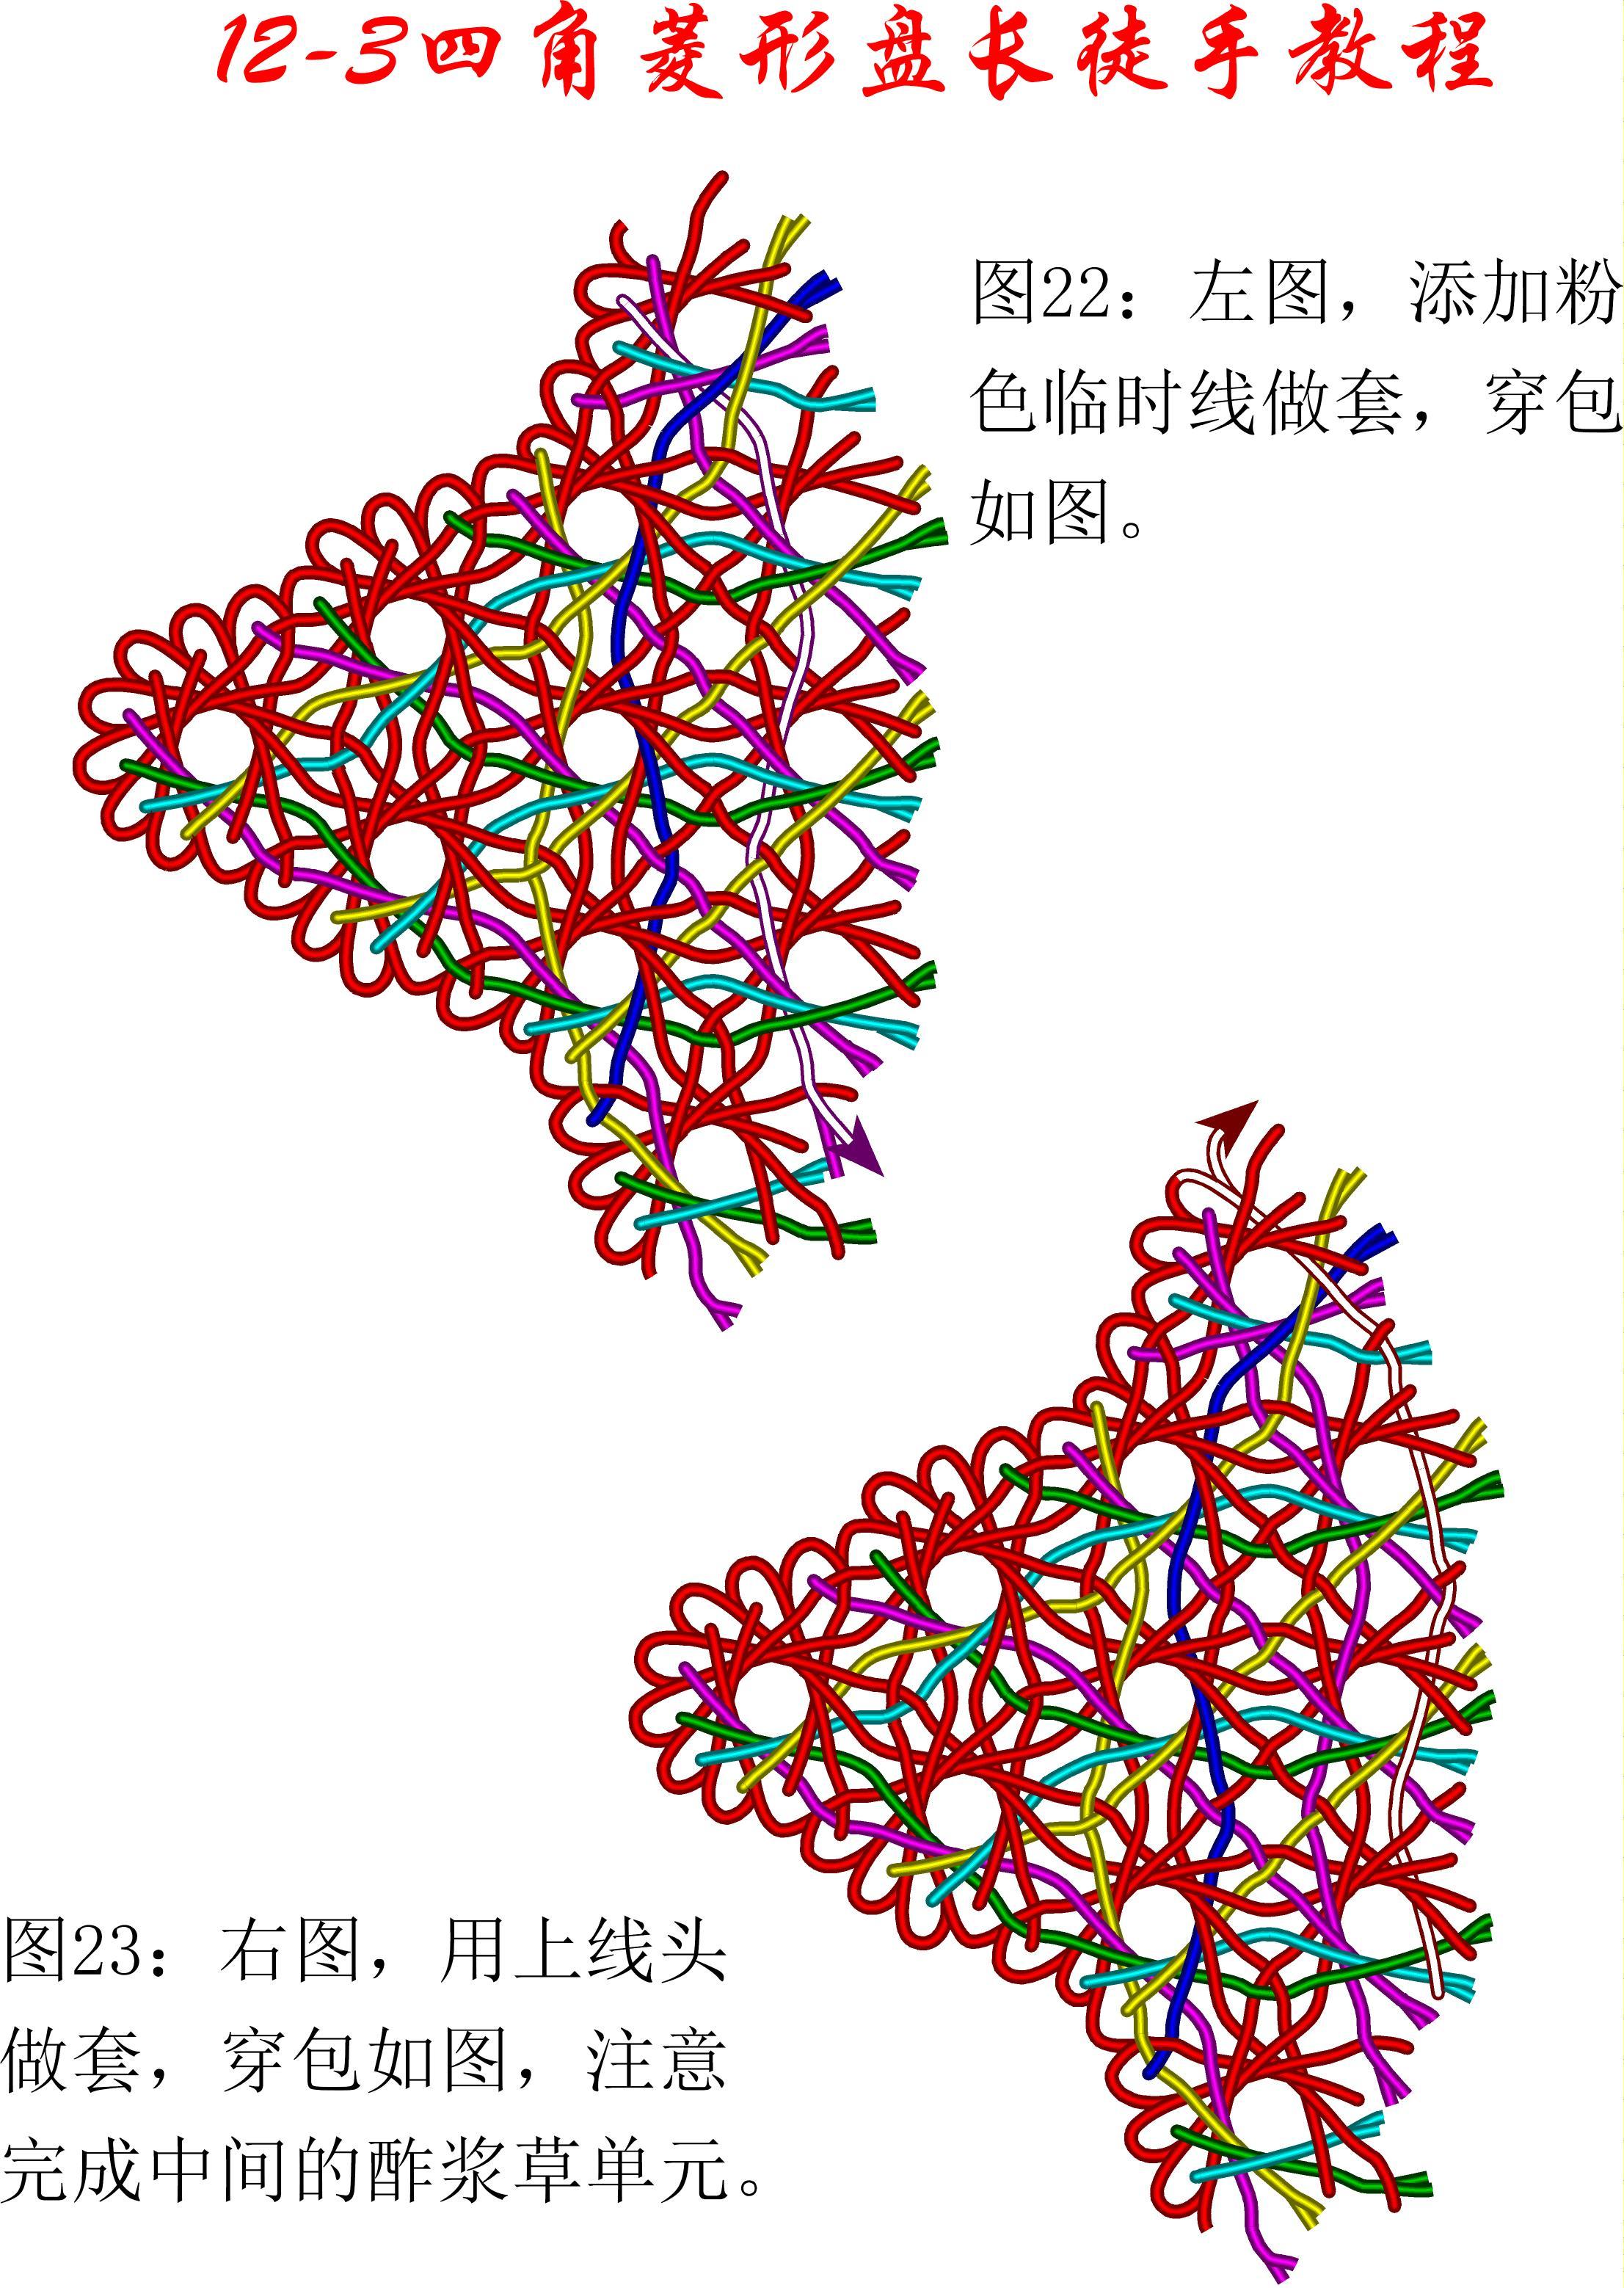 中国结论坛 12-3四角菱形盘长徒手教程 教程,菱形实心花的编织图解,长方形做菱形怎么做,长方形分菱形图解,菱形四边一样长吗 丑丑徒手编结 133838m8lg6eeeljvgyeqy